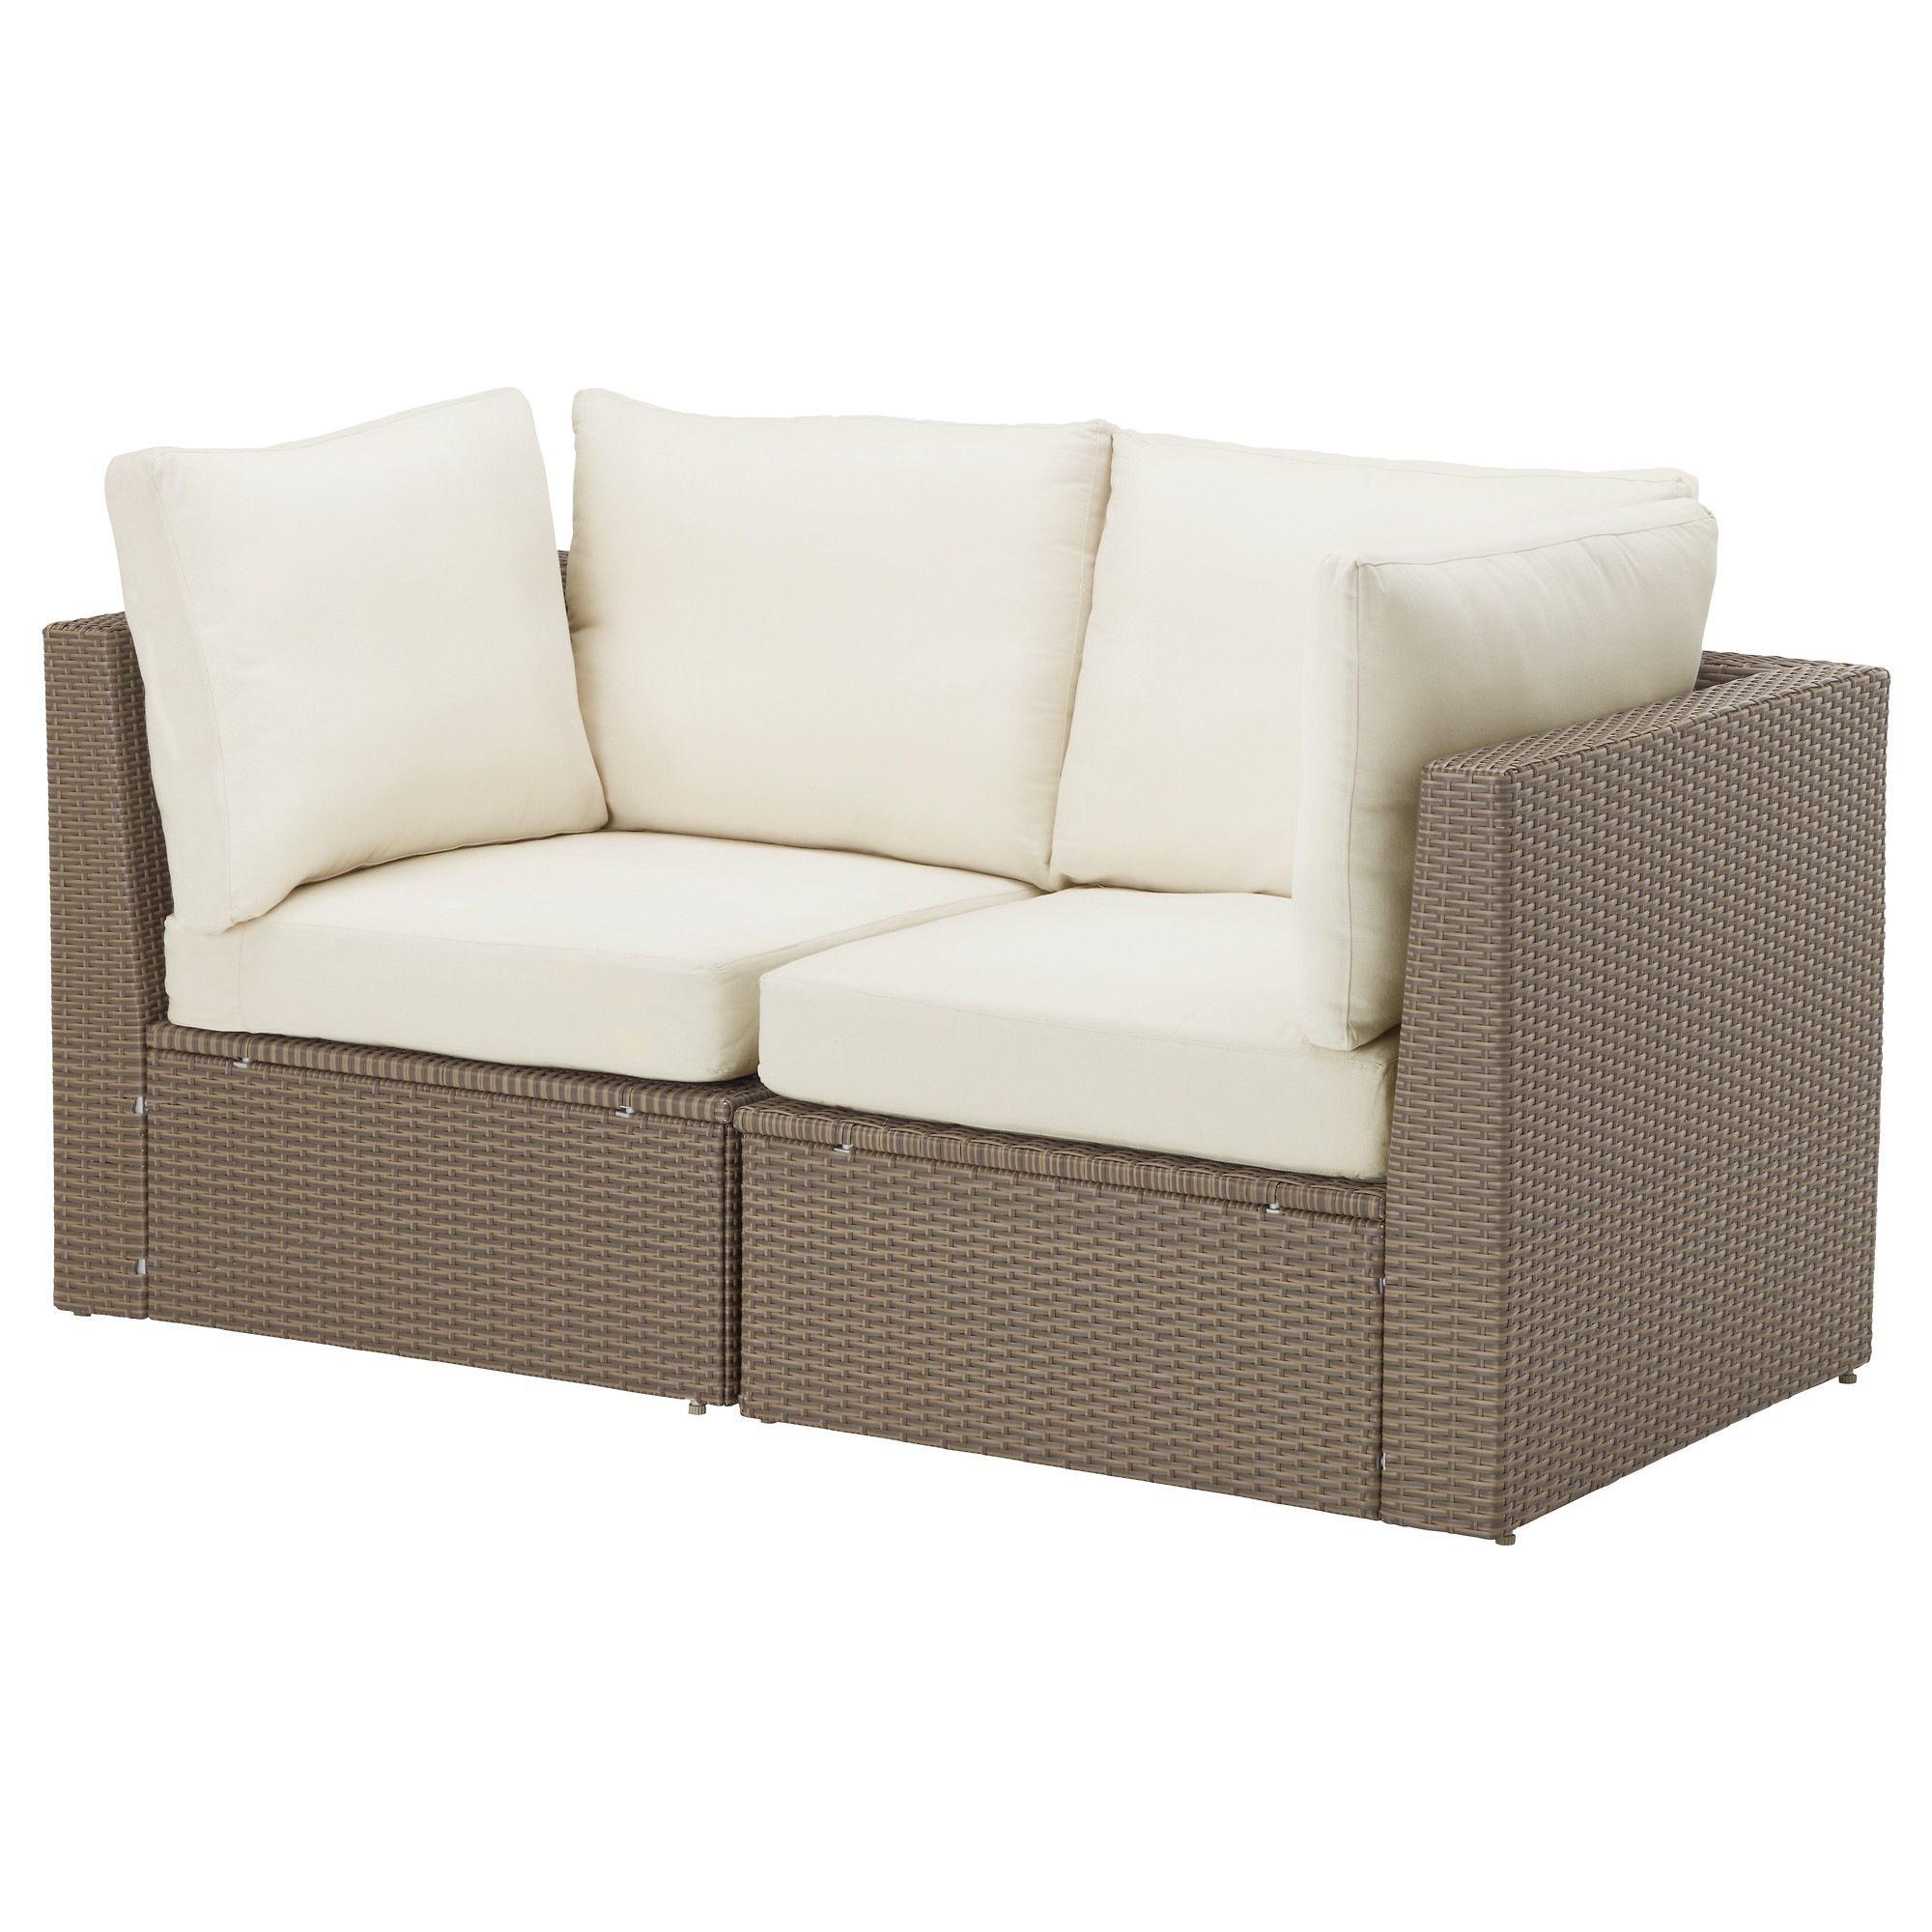 """Lit Futon Ikea Élégant Ikea 2er Bettsofa Frisch Ikea Tidafors sofa Bed New Smartsofa Zdj""""¢"""